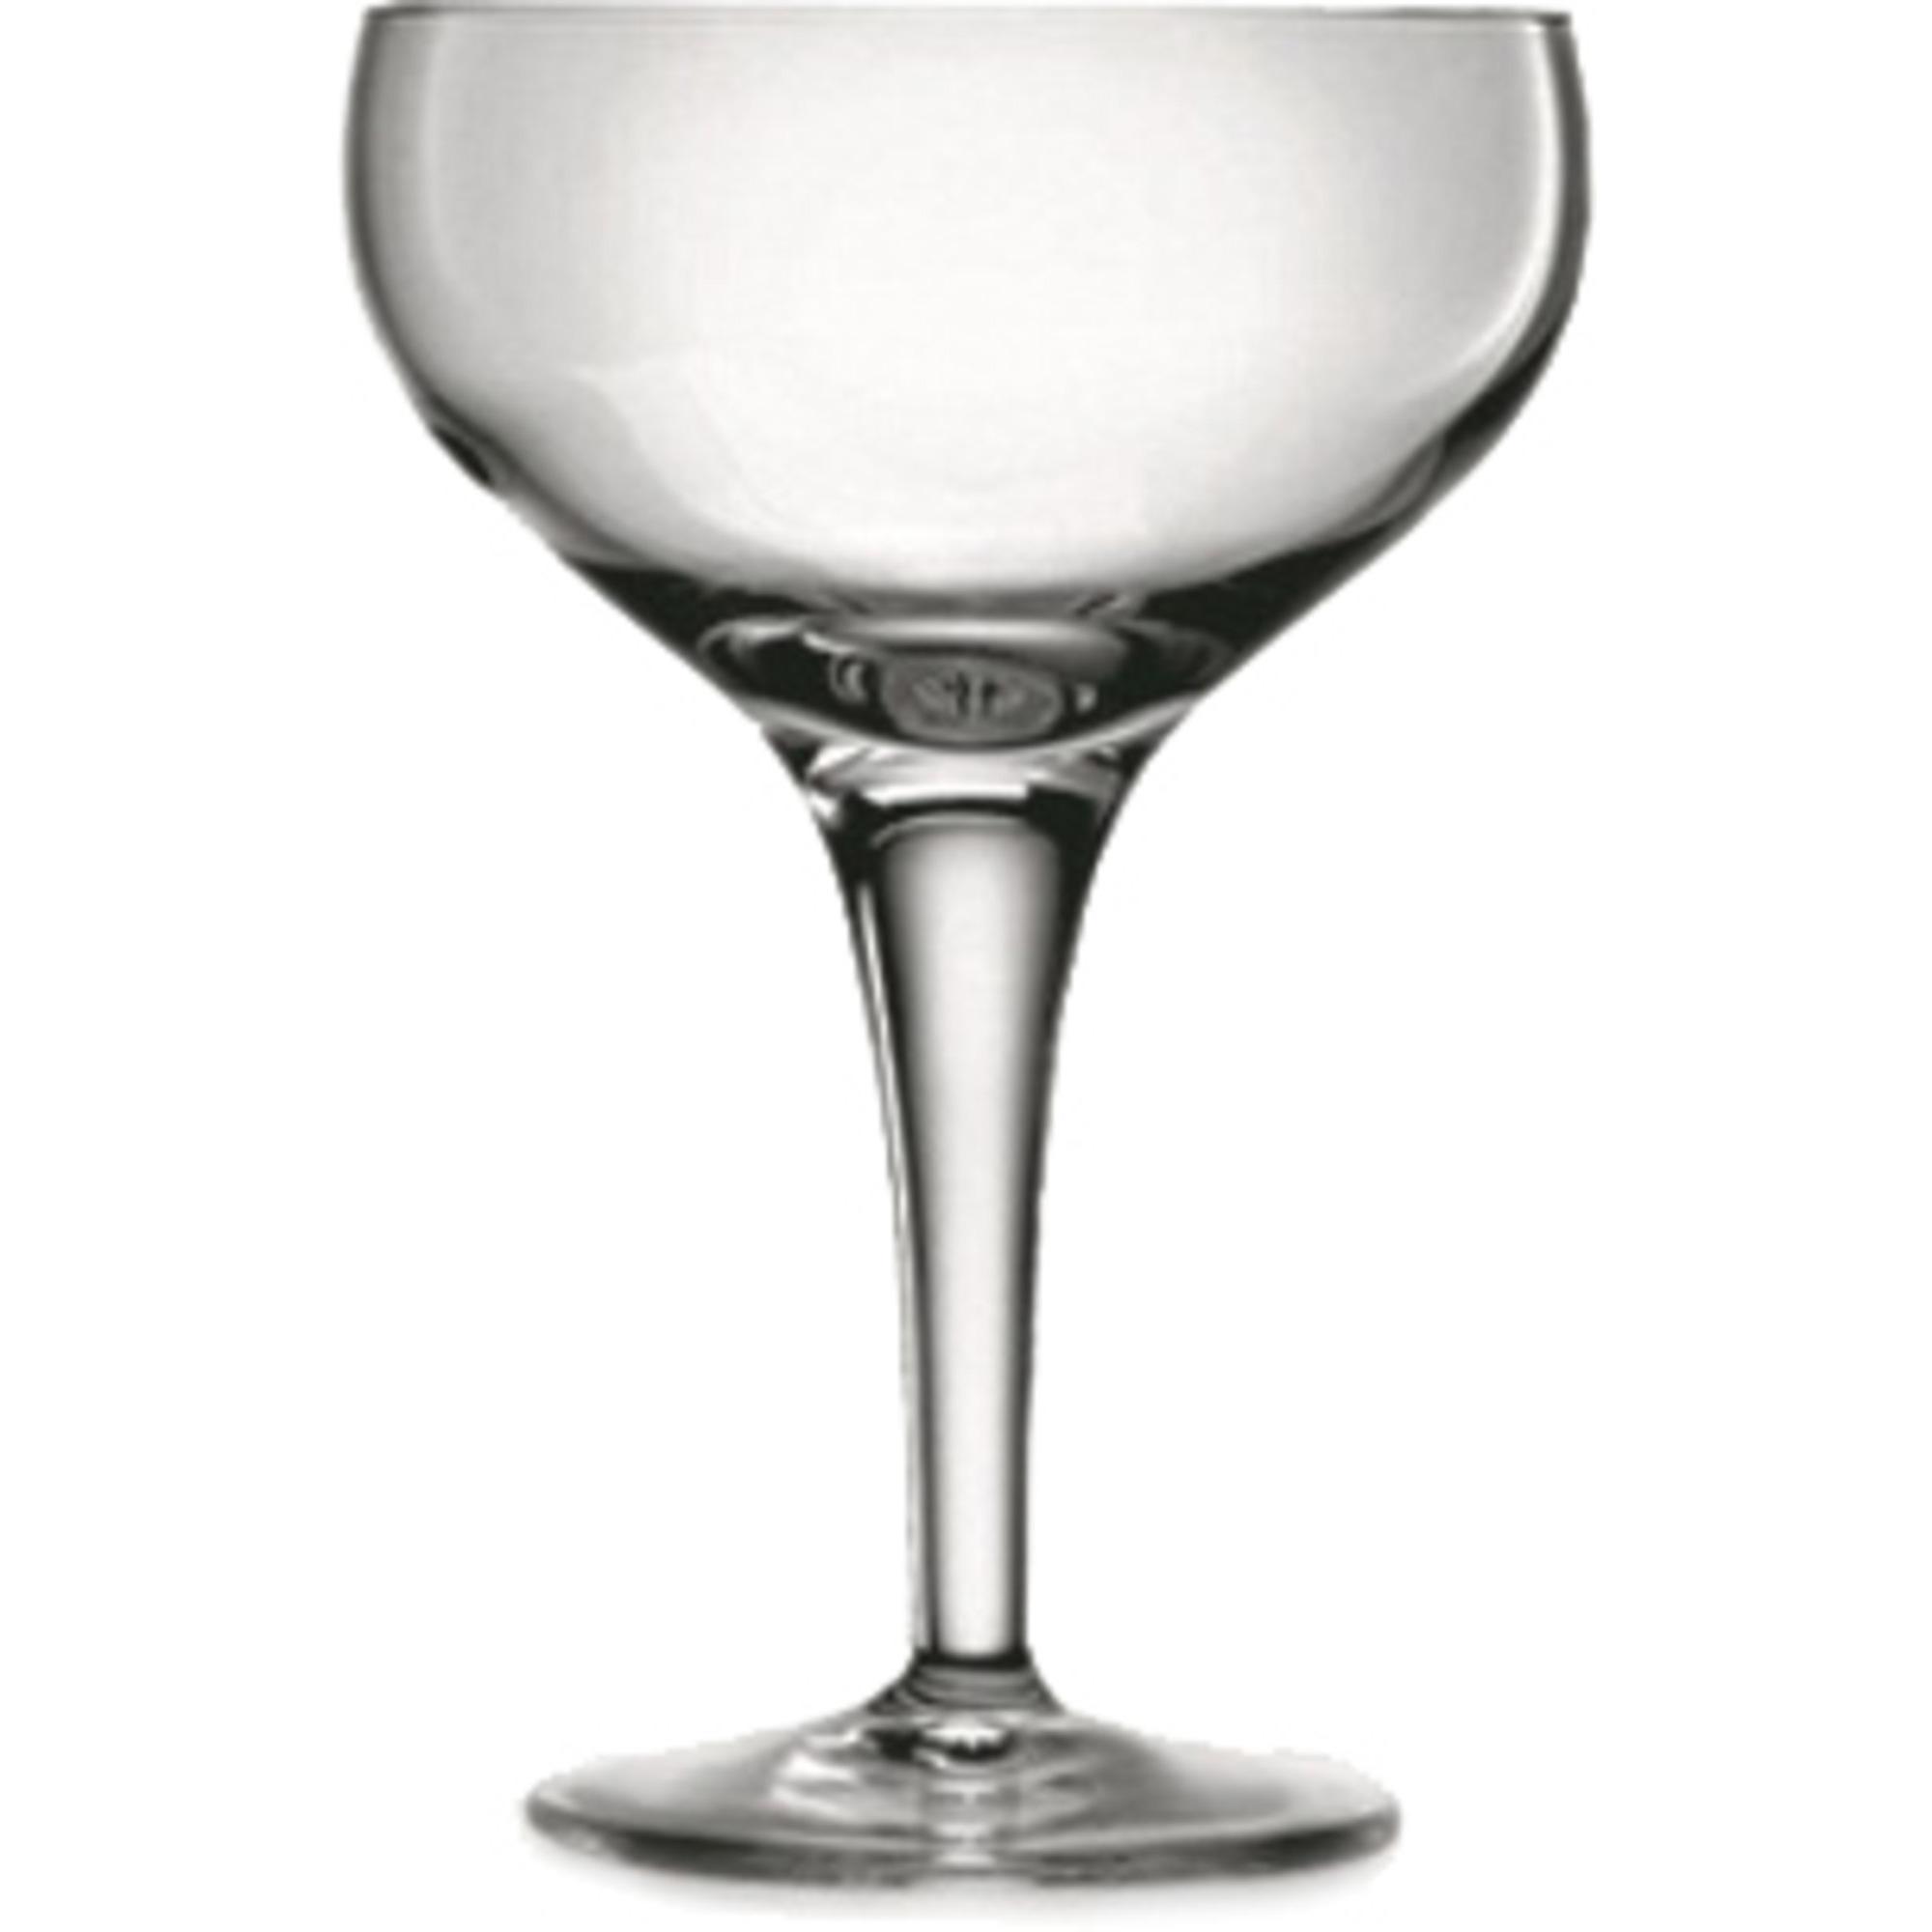 Luigi Bormioli Michelangelo champagneglas